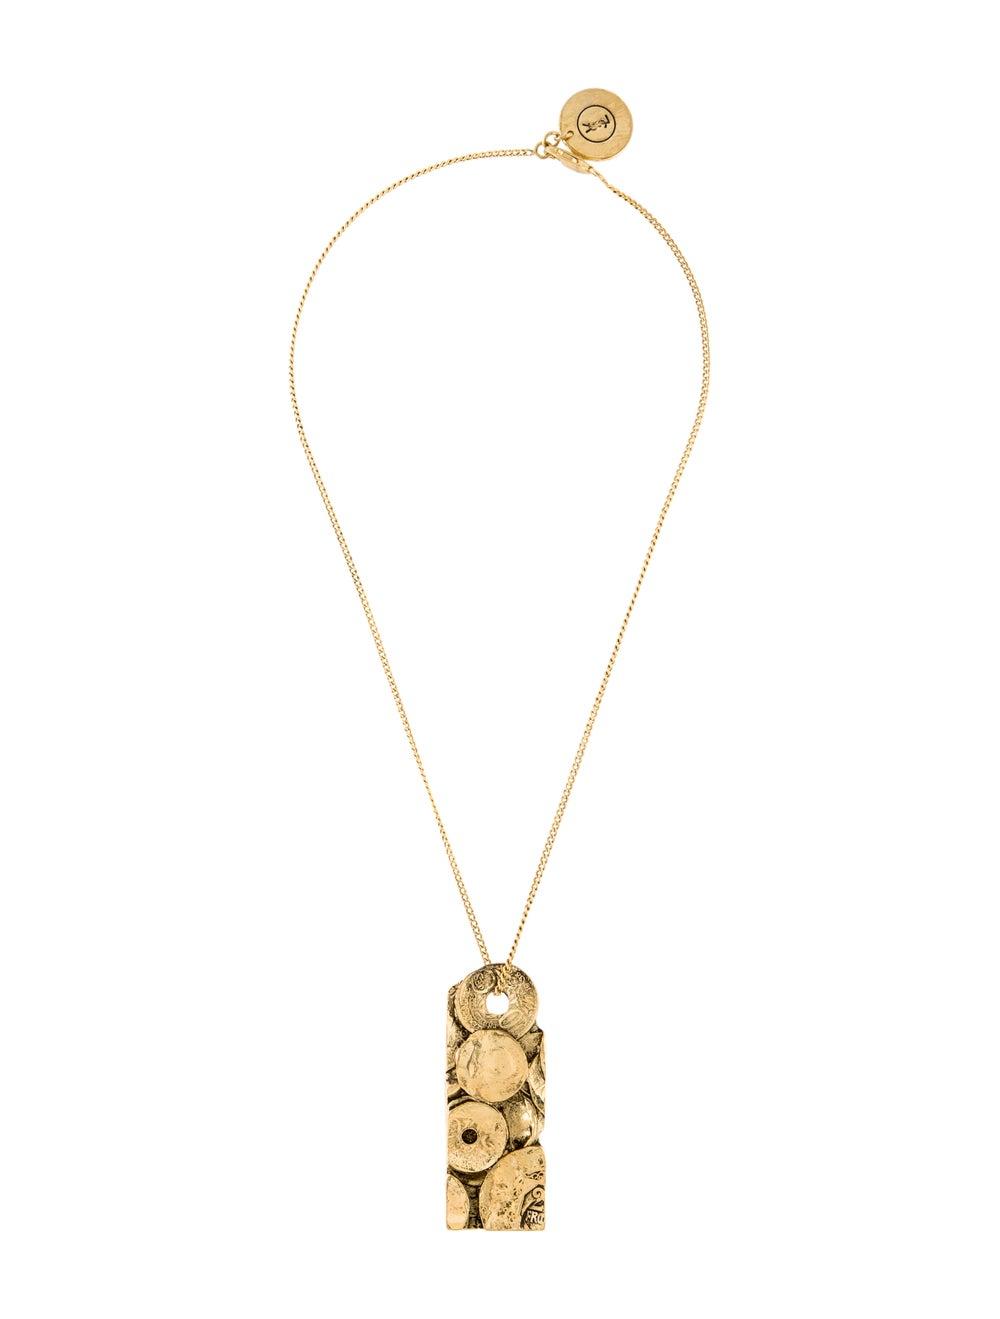 Saint Laurent Rive Gauche Medallion Necklace - image 3